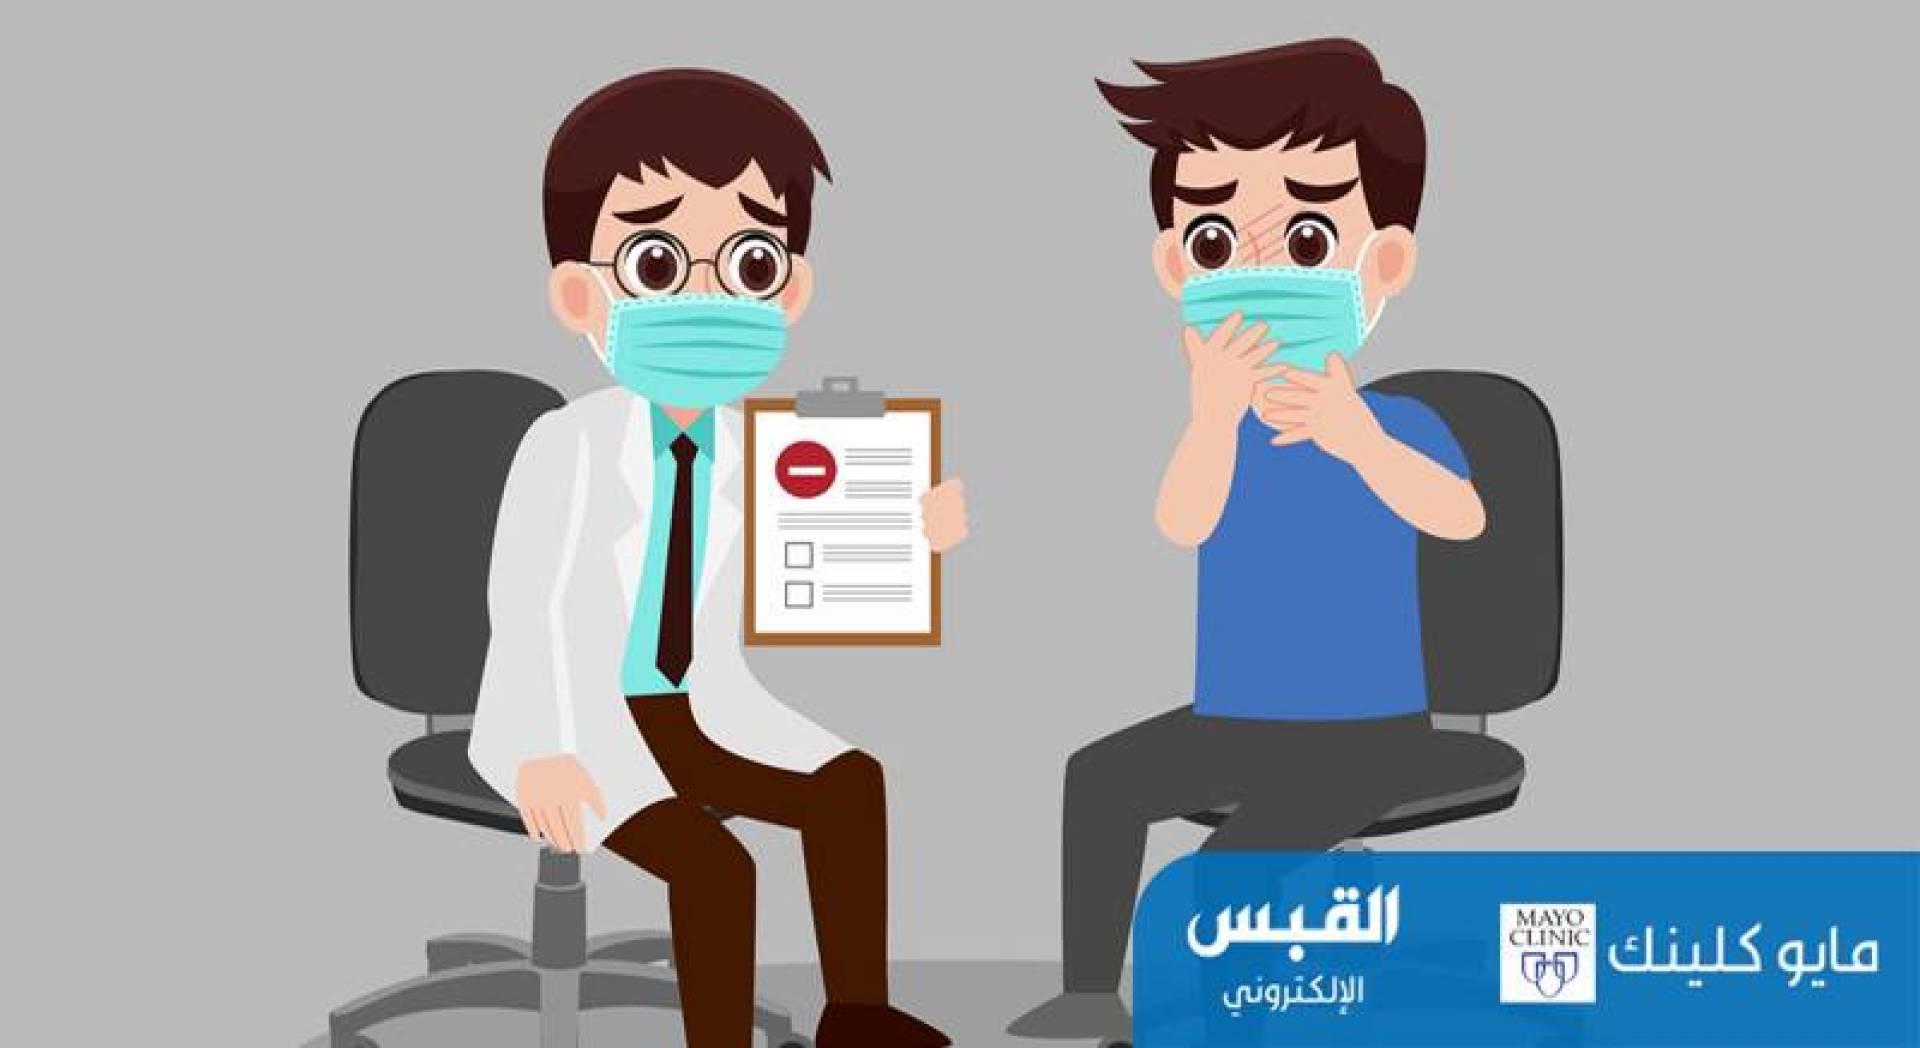 كيف تزور طبيبك بطريقة آمنة أثناء جائحة كورونا؟